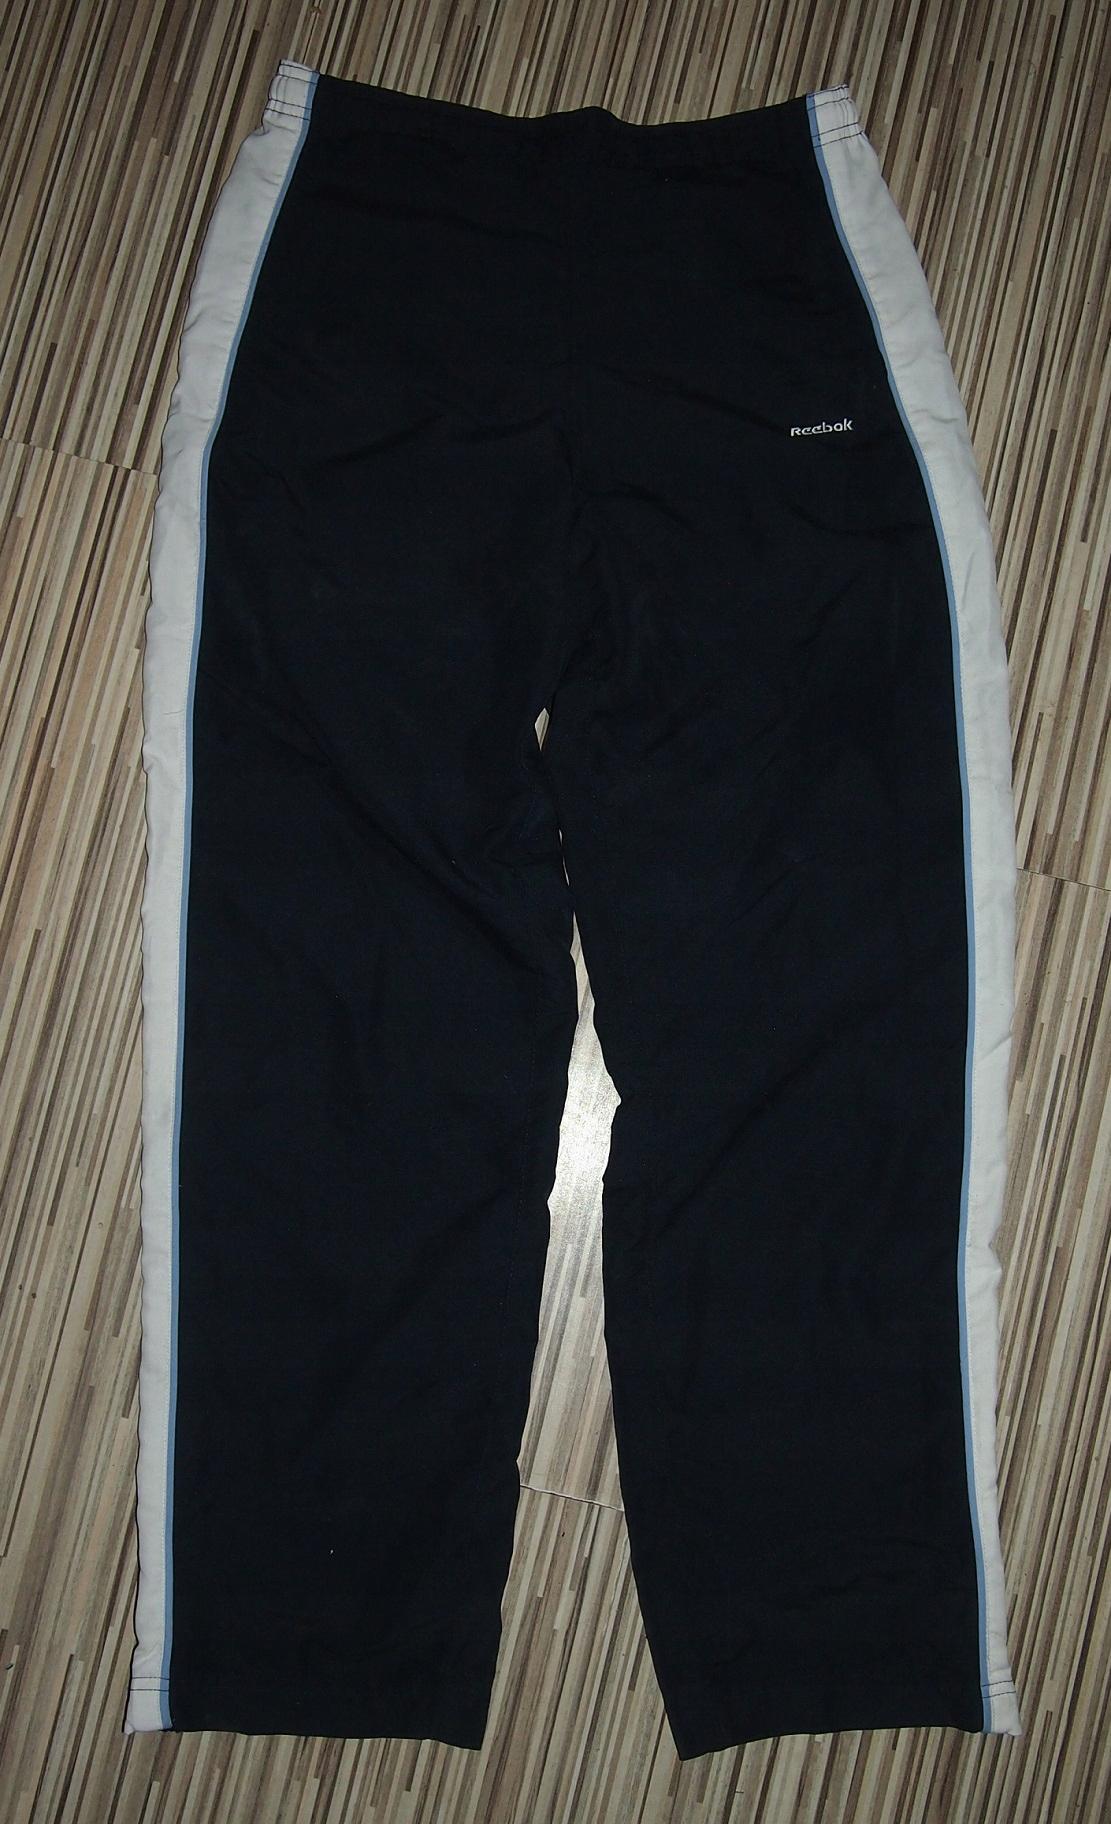 REEBOK Spodnie dresowe rozmiar S